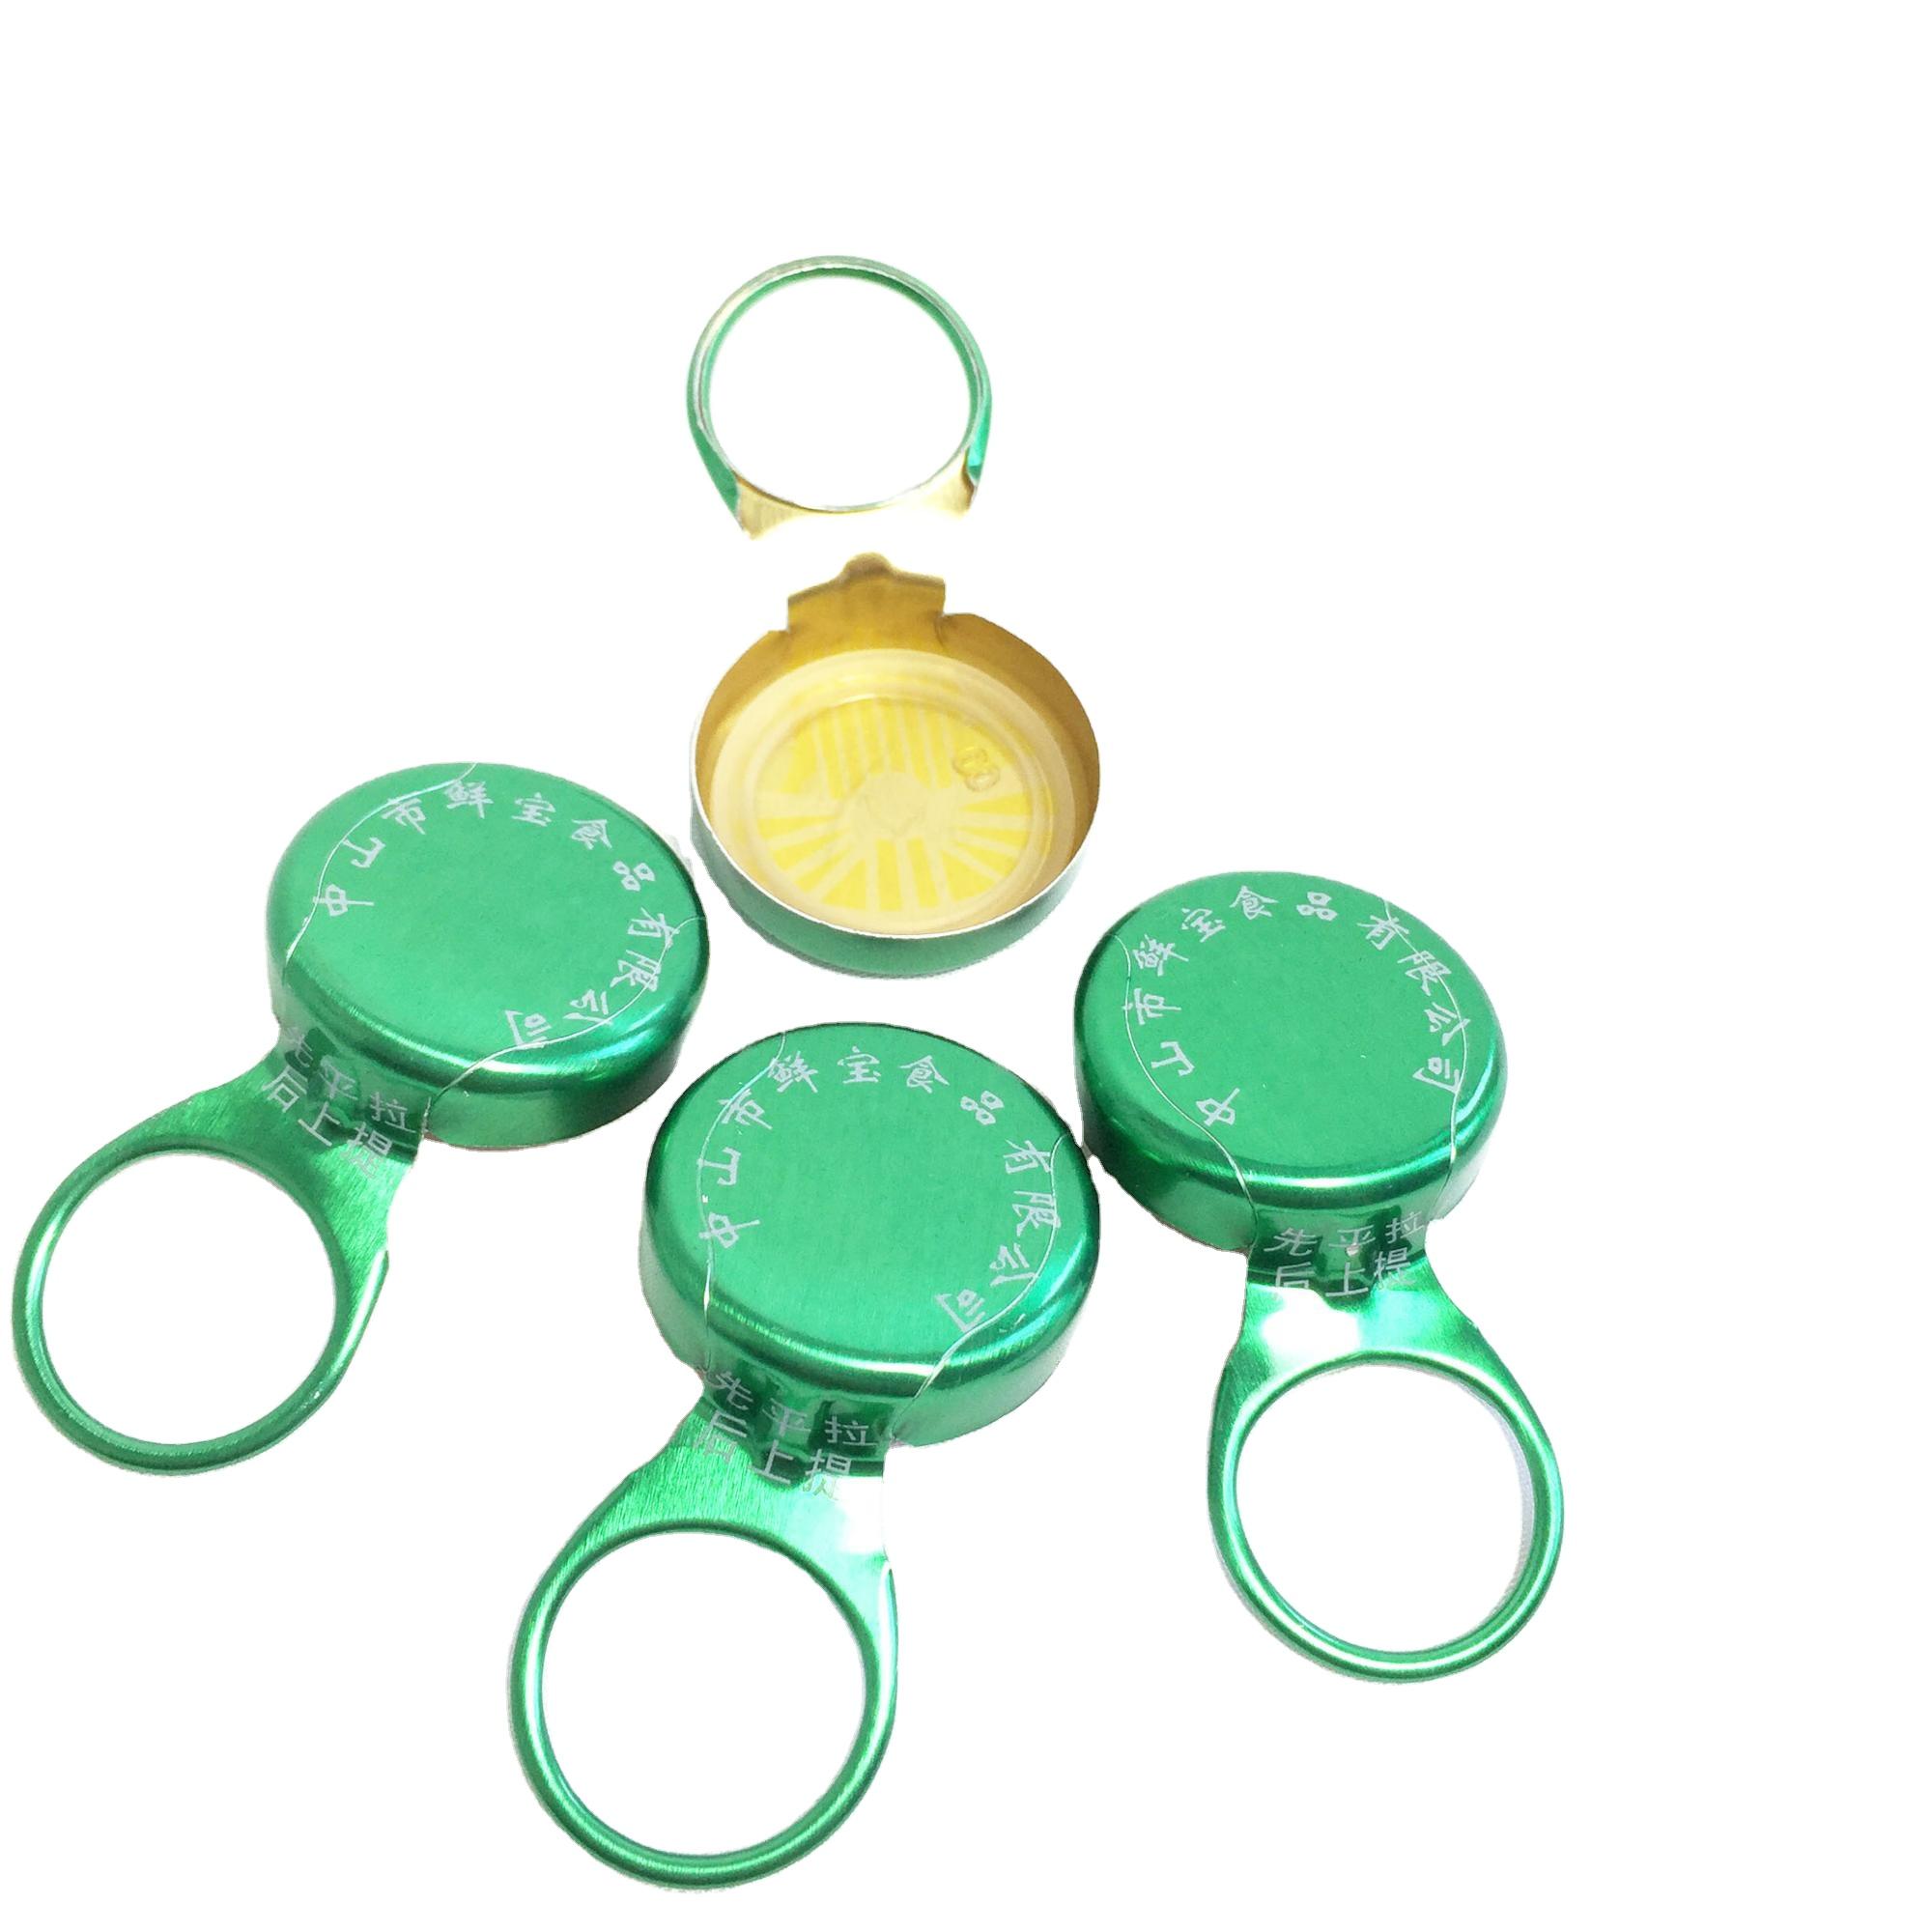 Алюминиевый колпачок для пивной бутылки 26 мм от китайского производителя